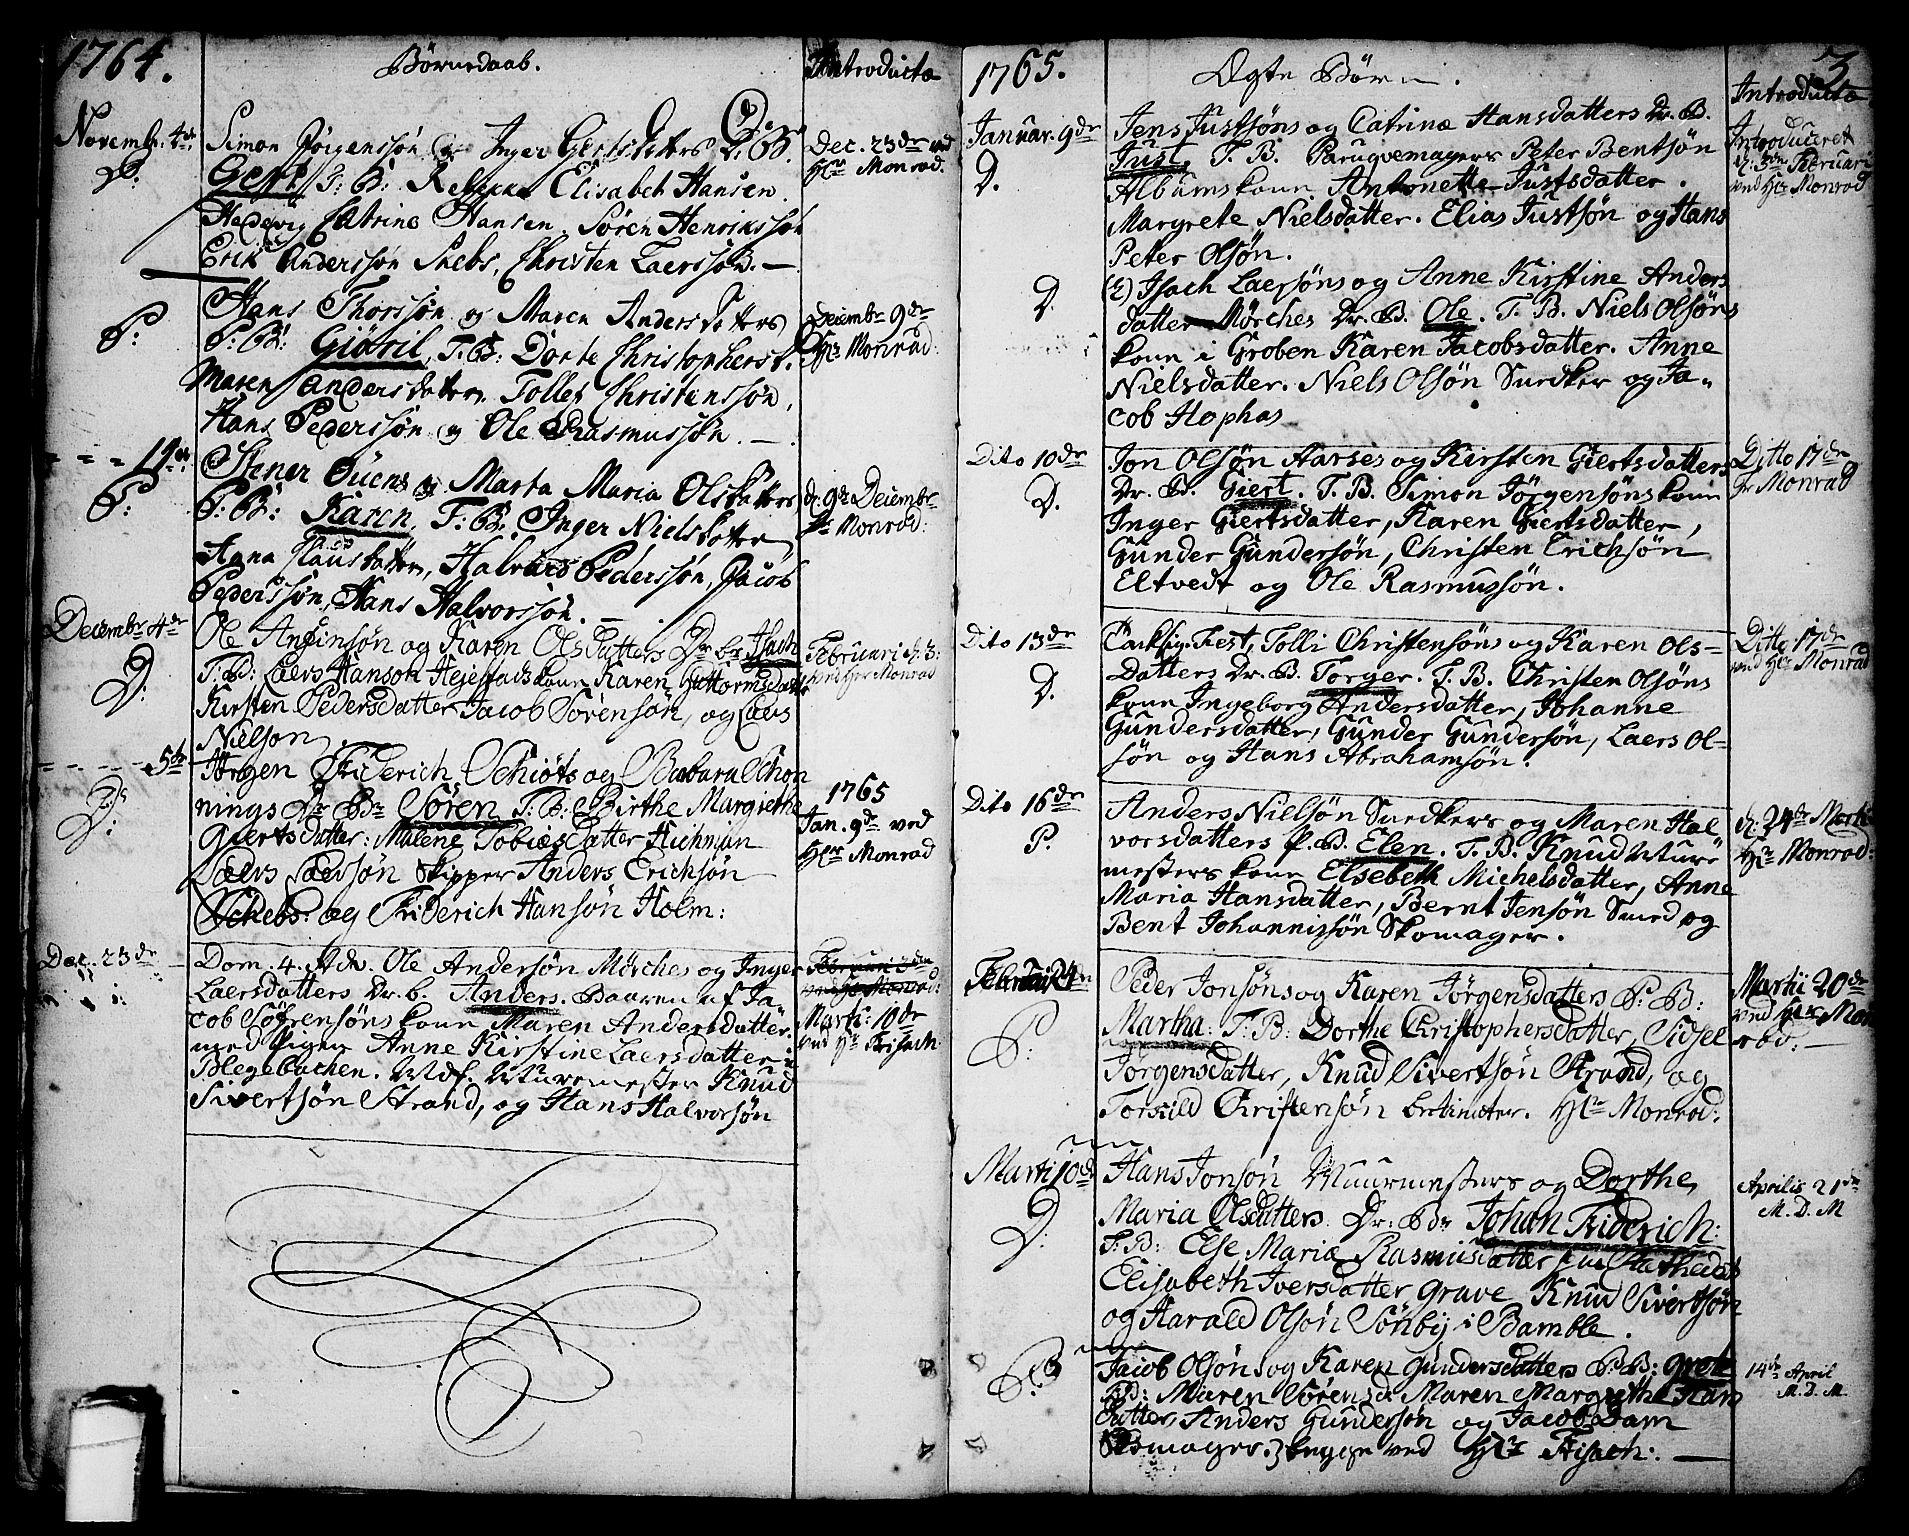 SAKO, Brevik kirkebøker, F/Fa/L0003: Ministerialbok nr. 3, 1764-1814, s. 3